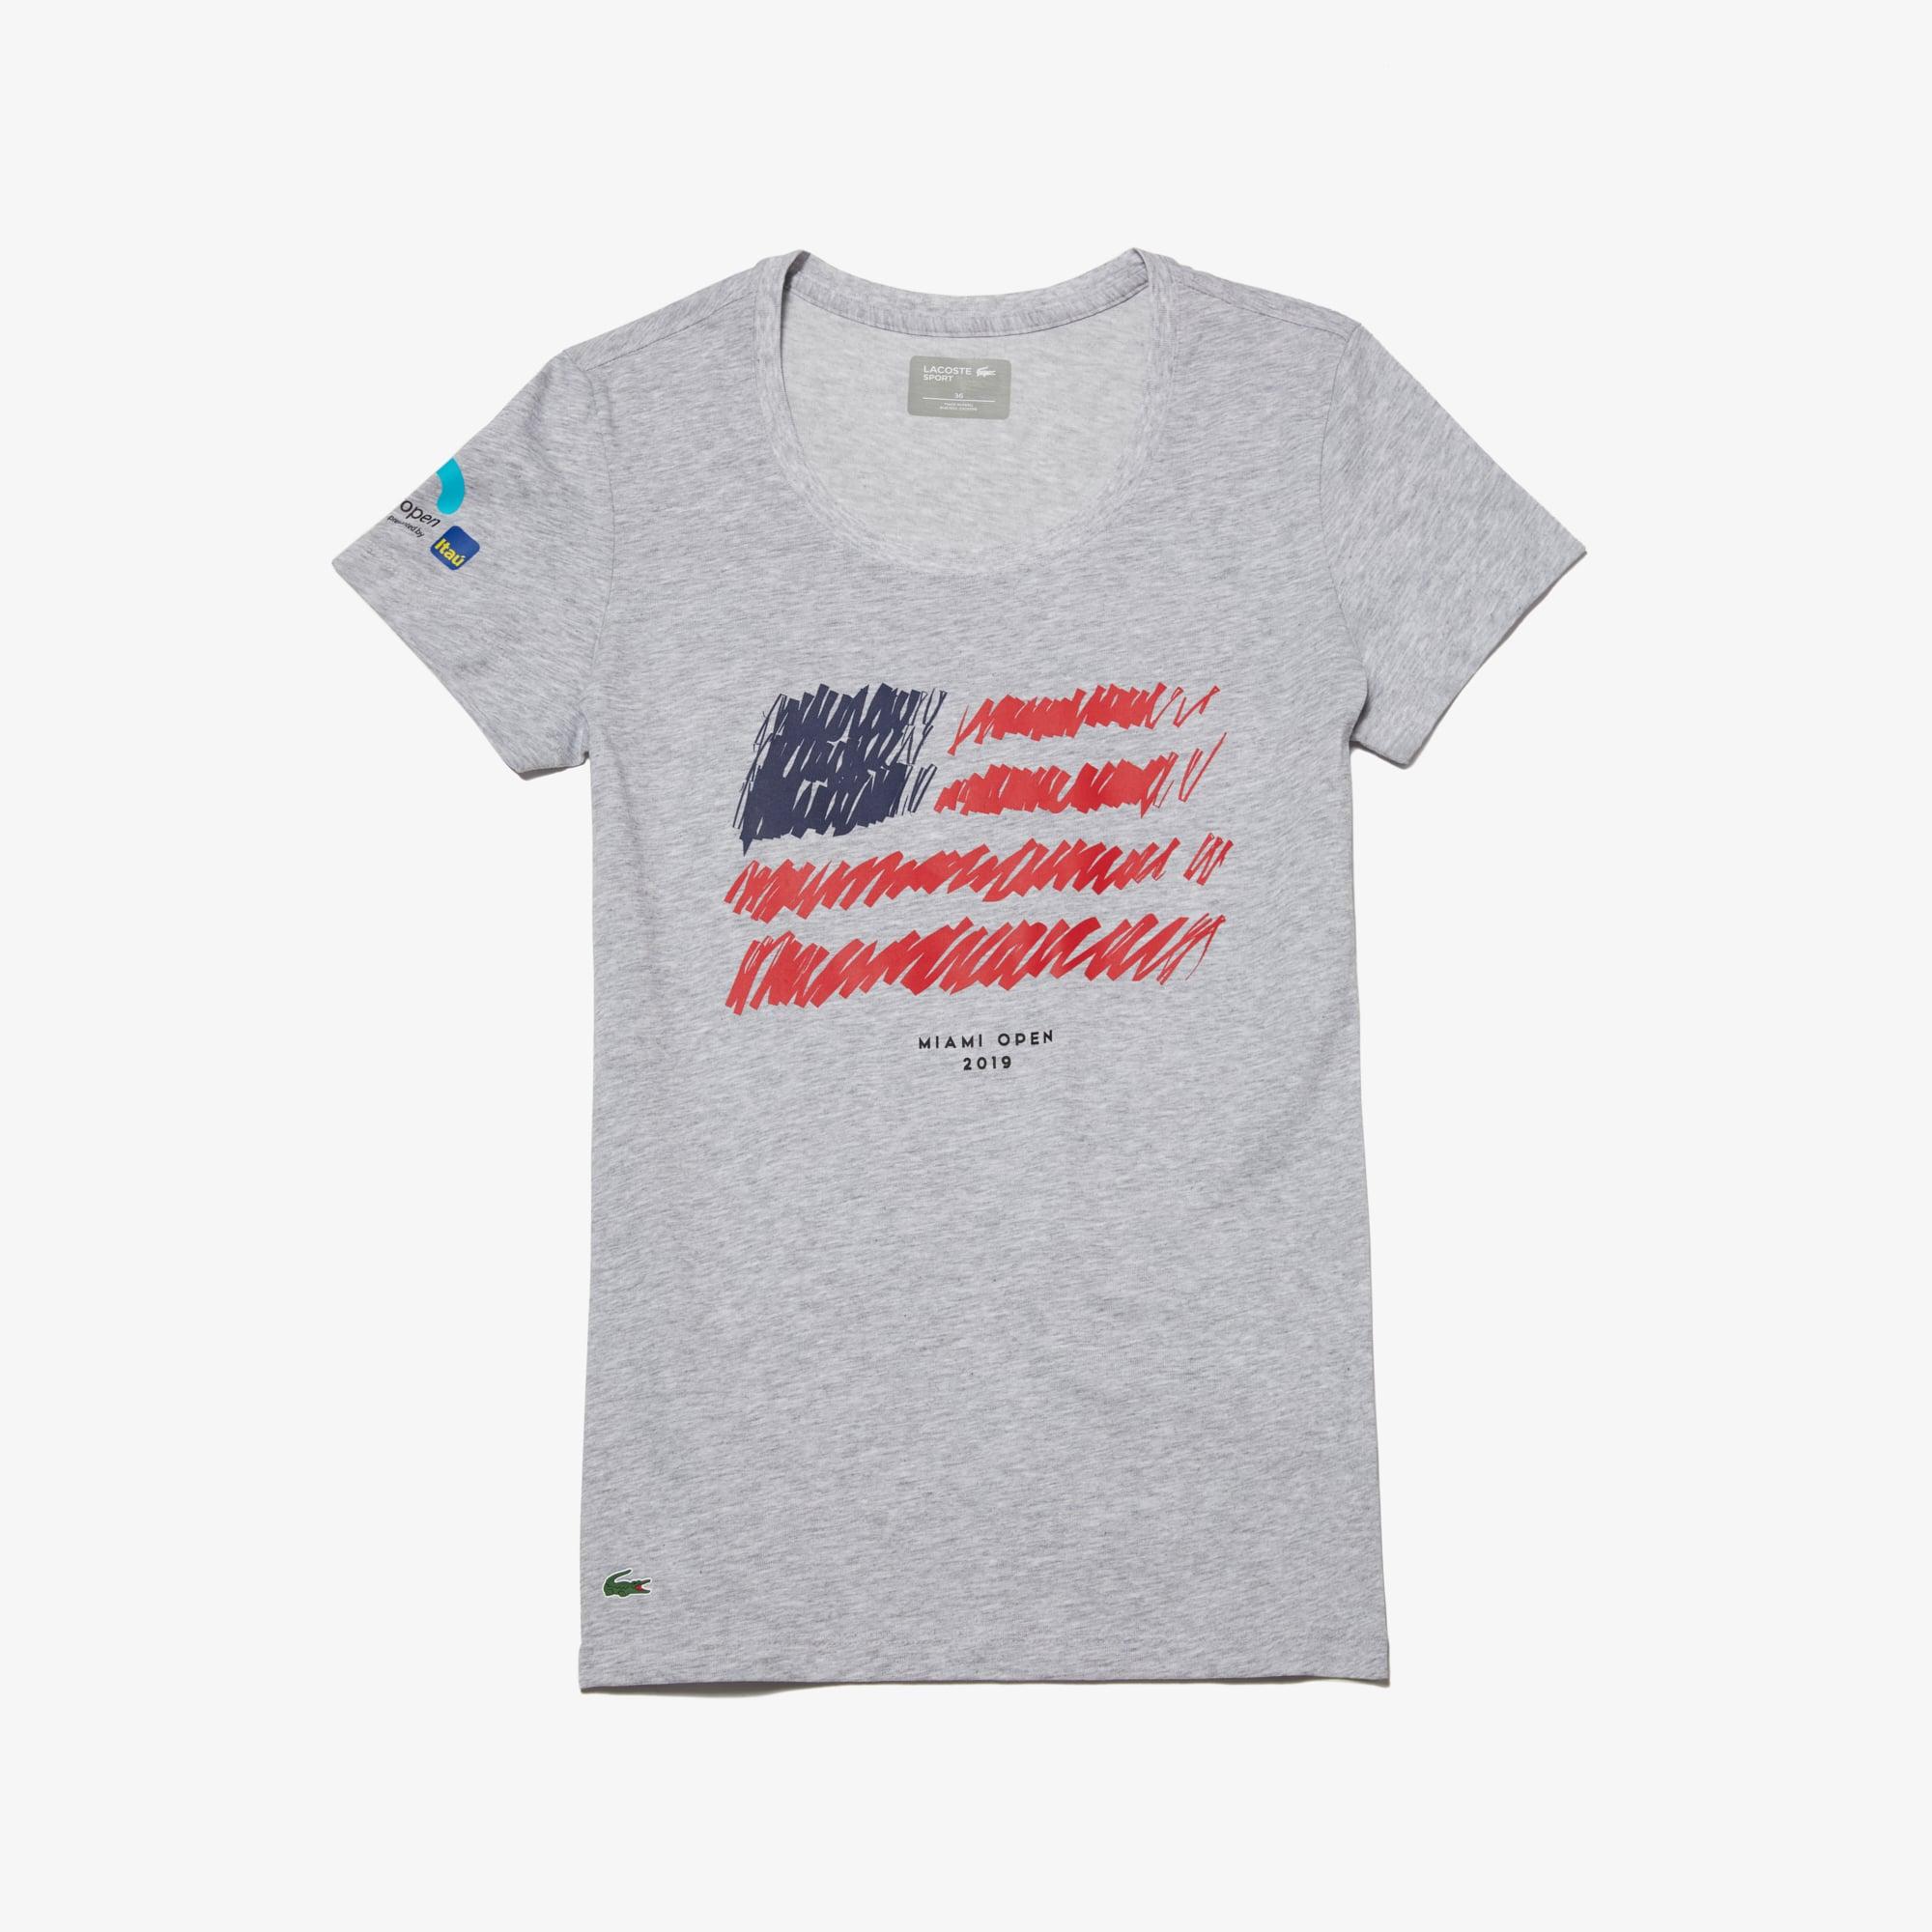 라코스테 우먼 스포츠 테니스 반팔 티셔츠, 마이애미 오픈 에디션 Lacoste Womens SPORT Miami Open Edition T-shirt,Grey Chine